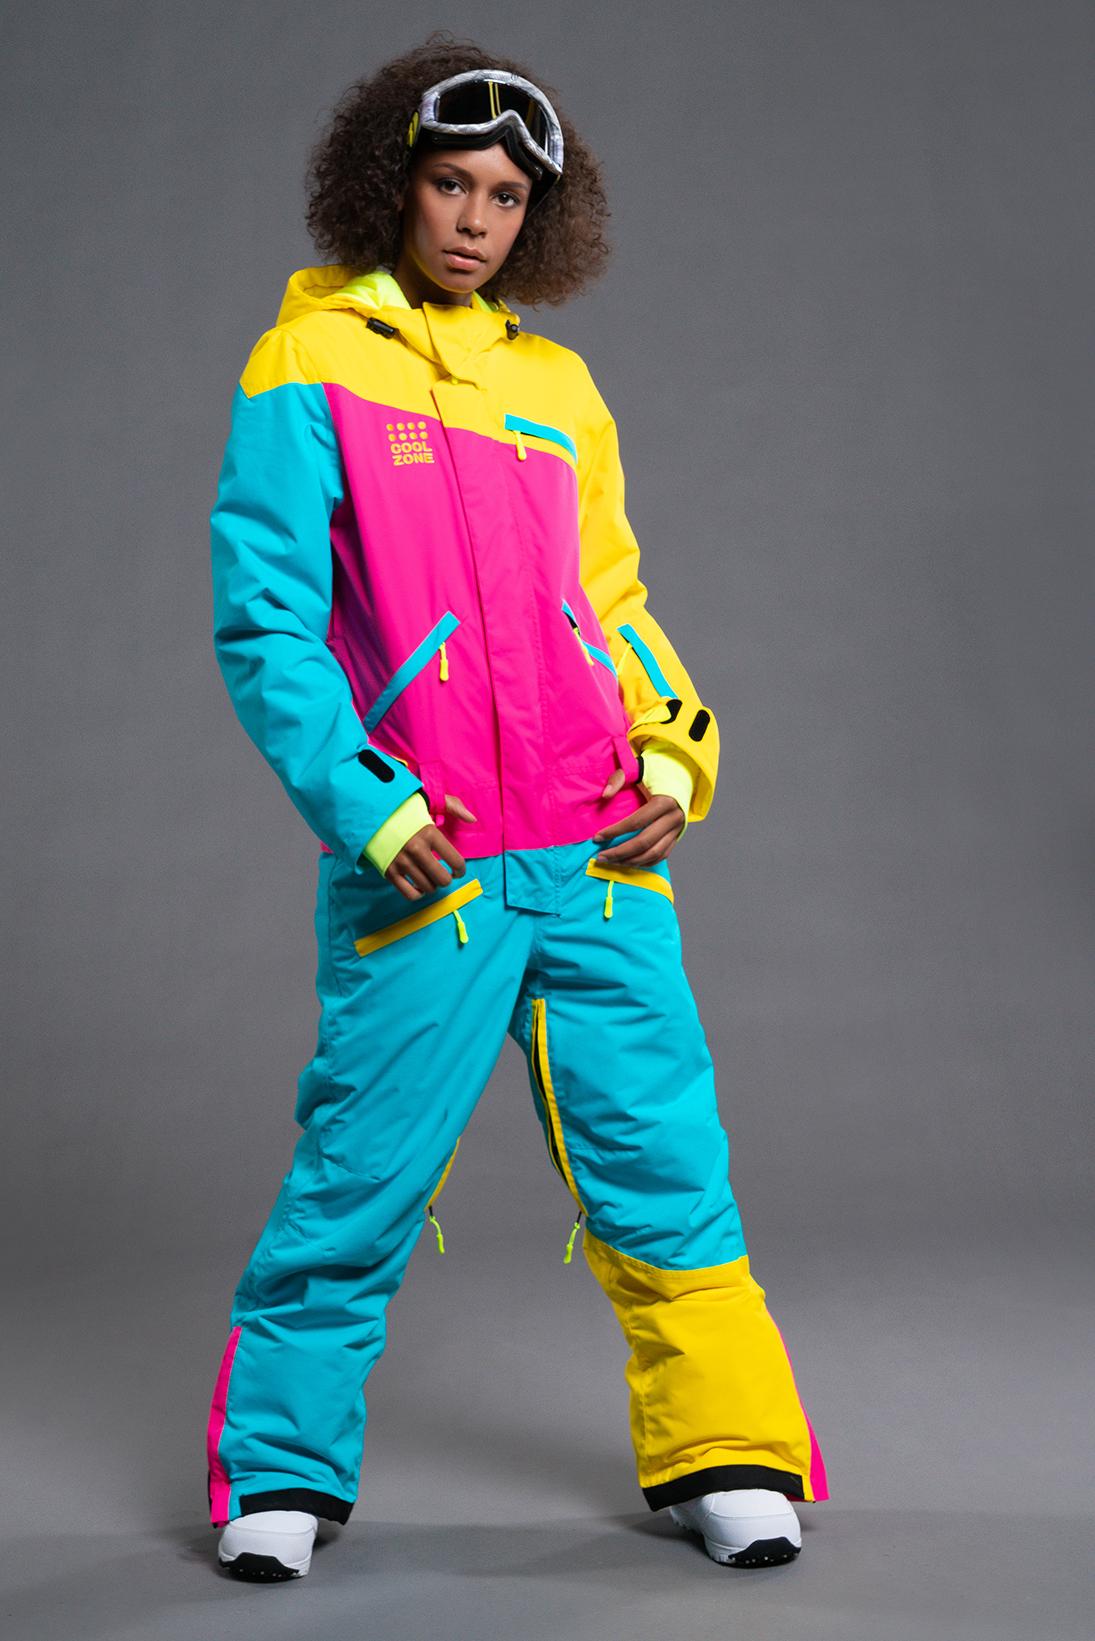 Женский сноубордический комбинезон Cool Zone Mix желтый-цикламен-бирюза 5e02dc46db6